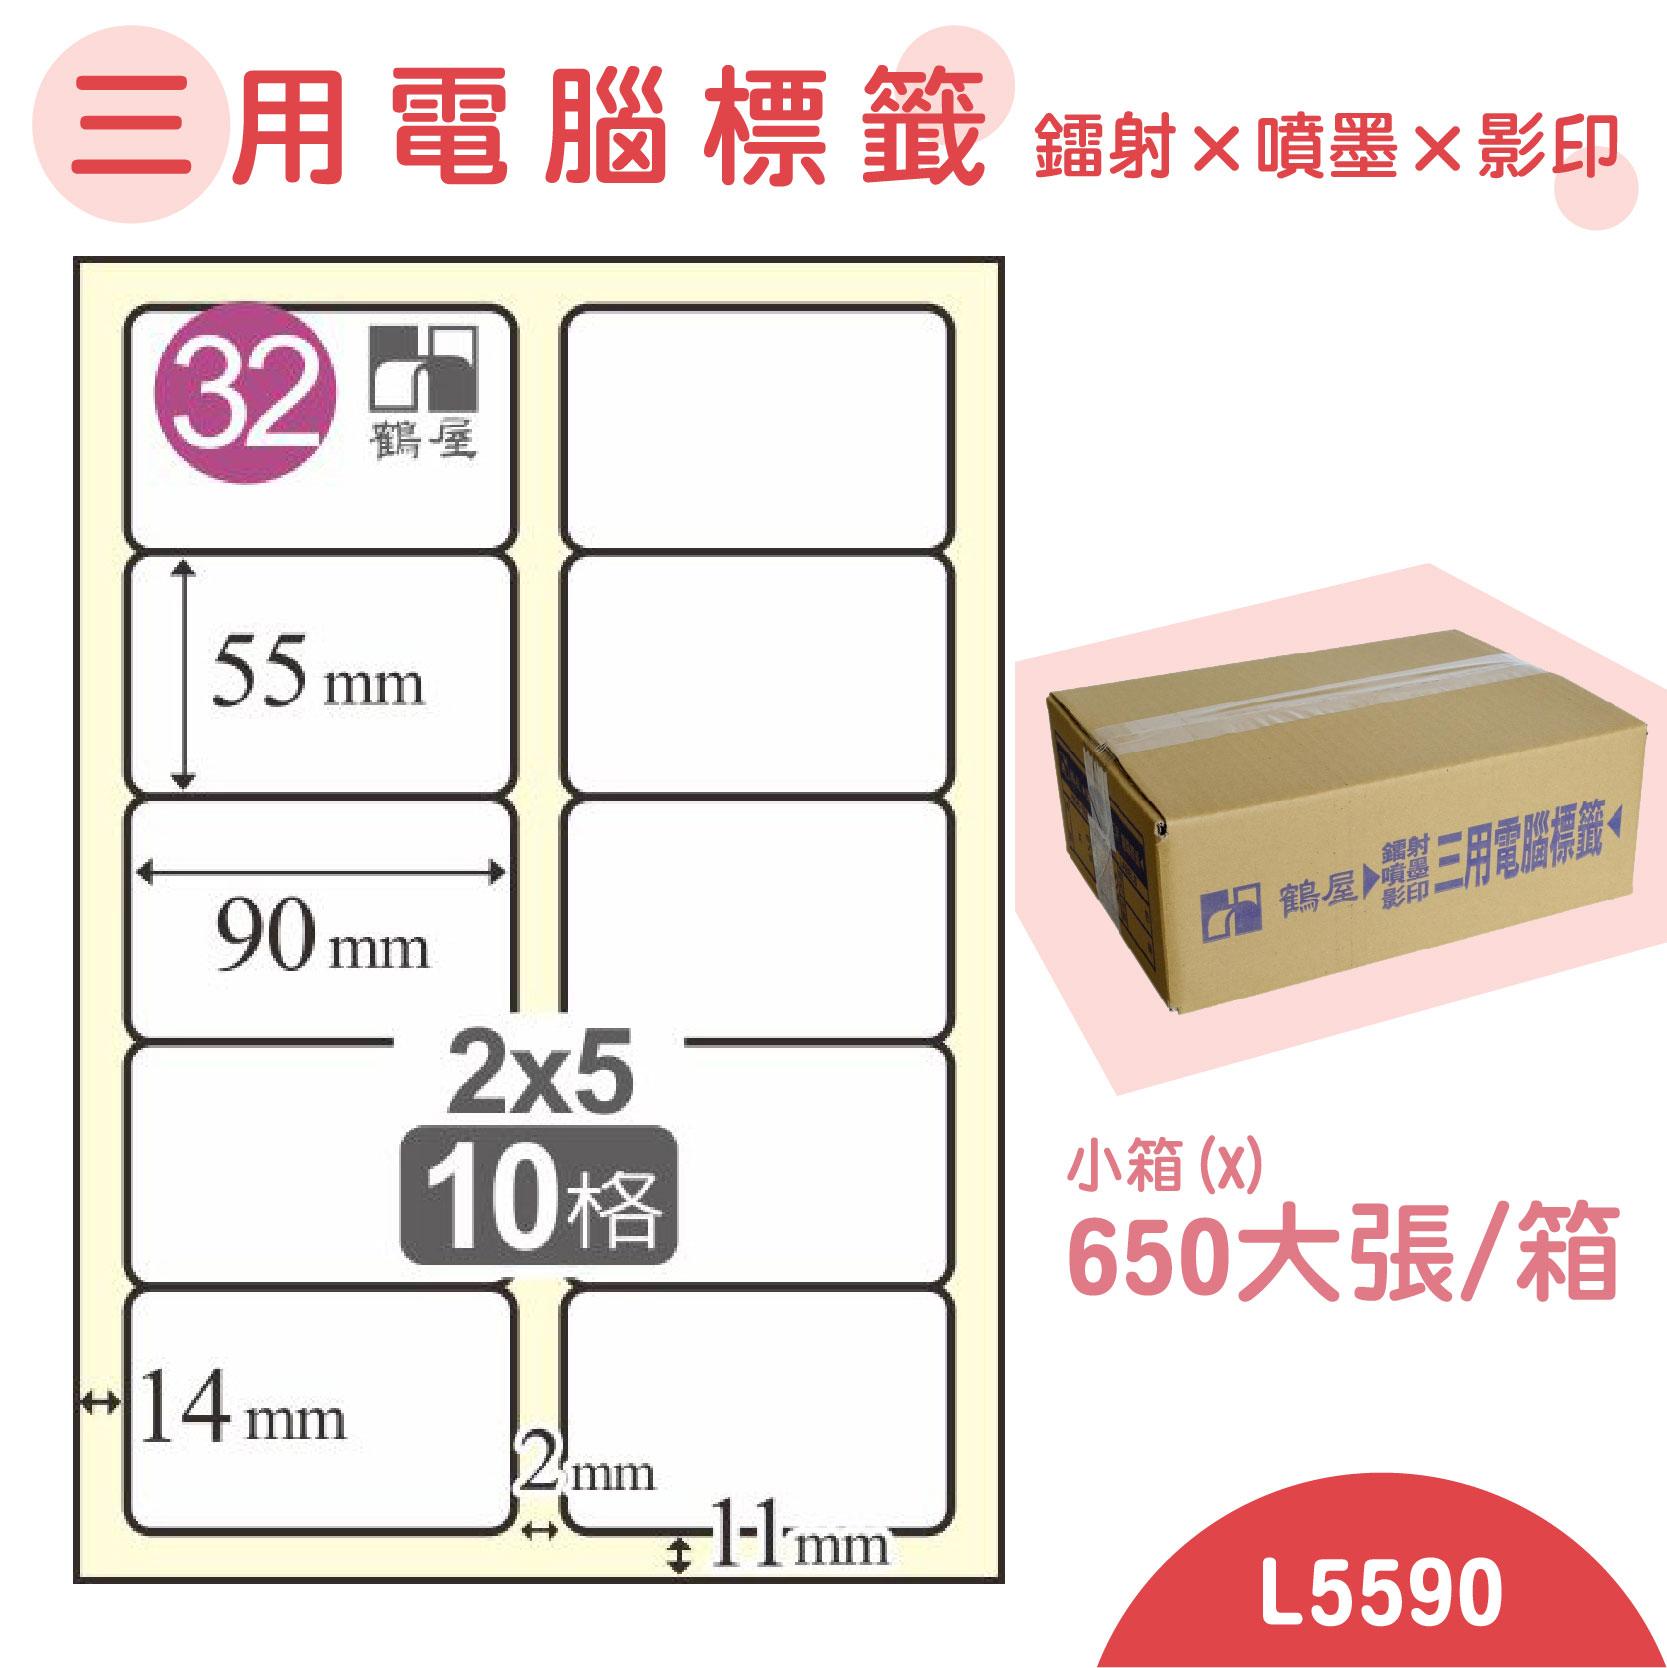 電腦標籤紙(鶴屋) 白色 L5590 10格 650大張/小箱 影印 雷射 噴墨 三用 標籤 貼紙 信封 光碟 名條